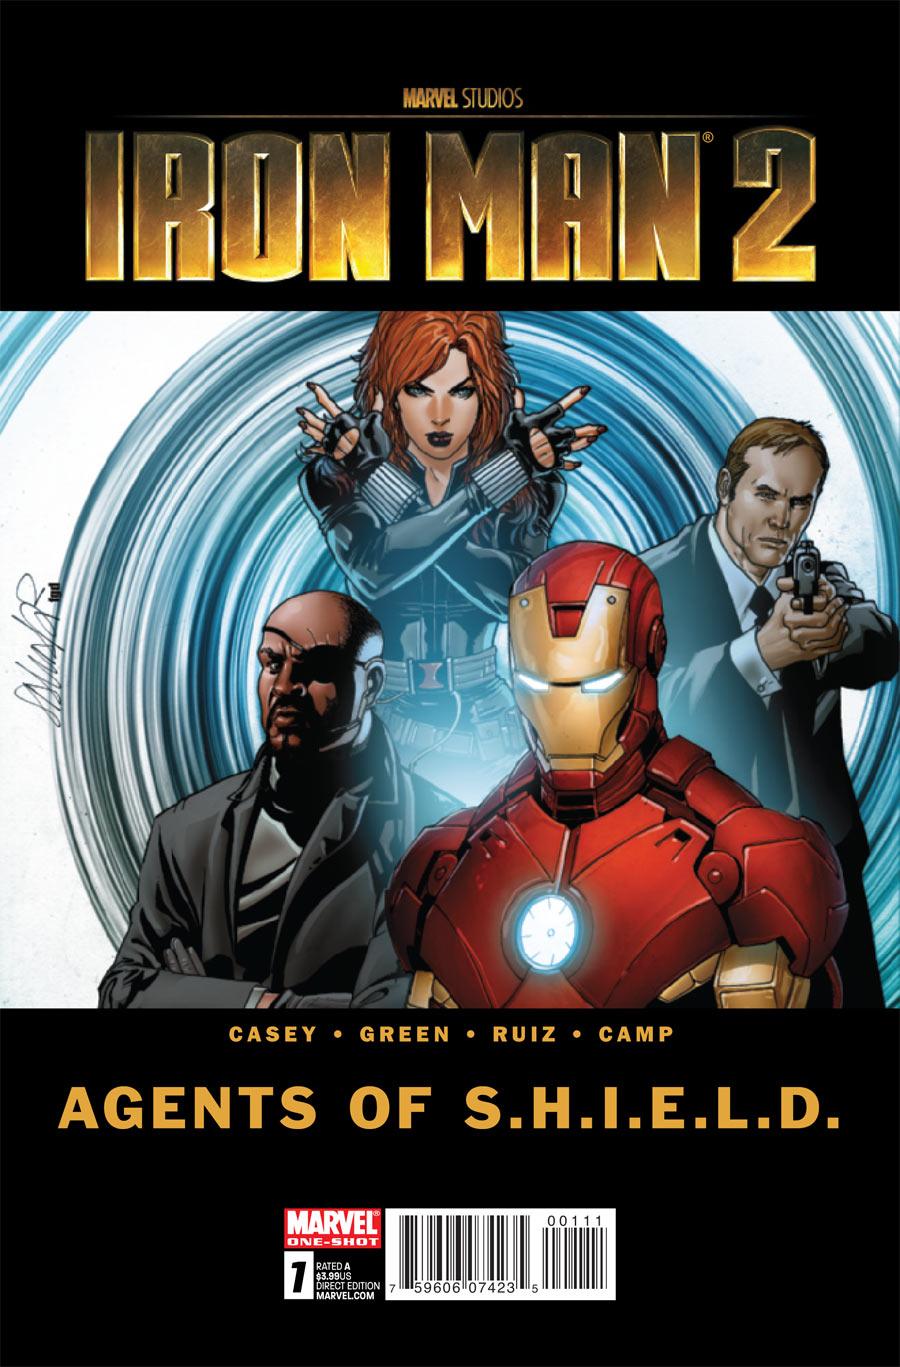 Iron_Man_2_Agents_of_S.H.I.E.L.D.